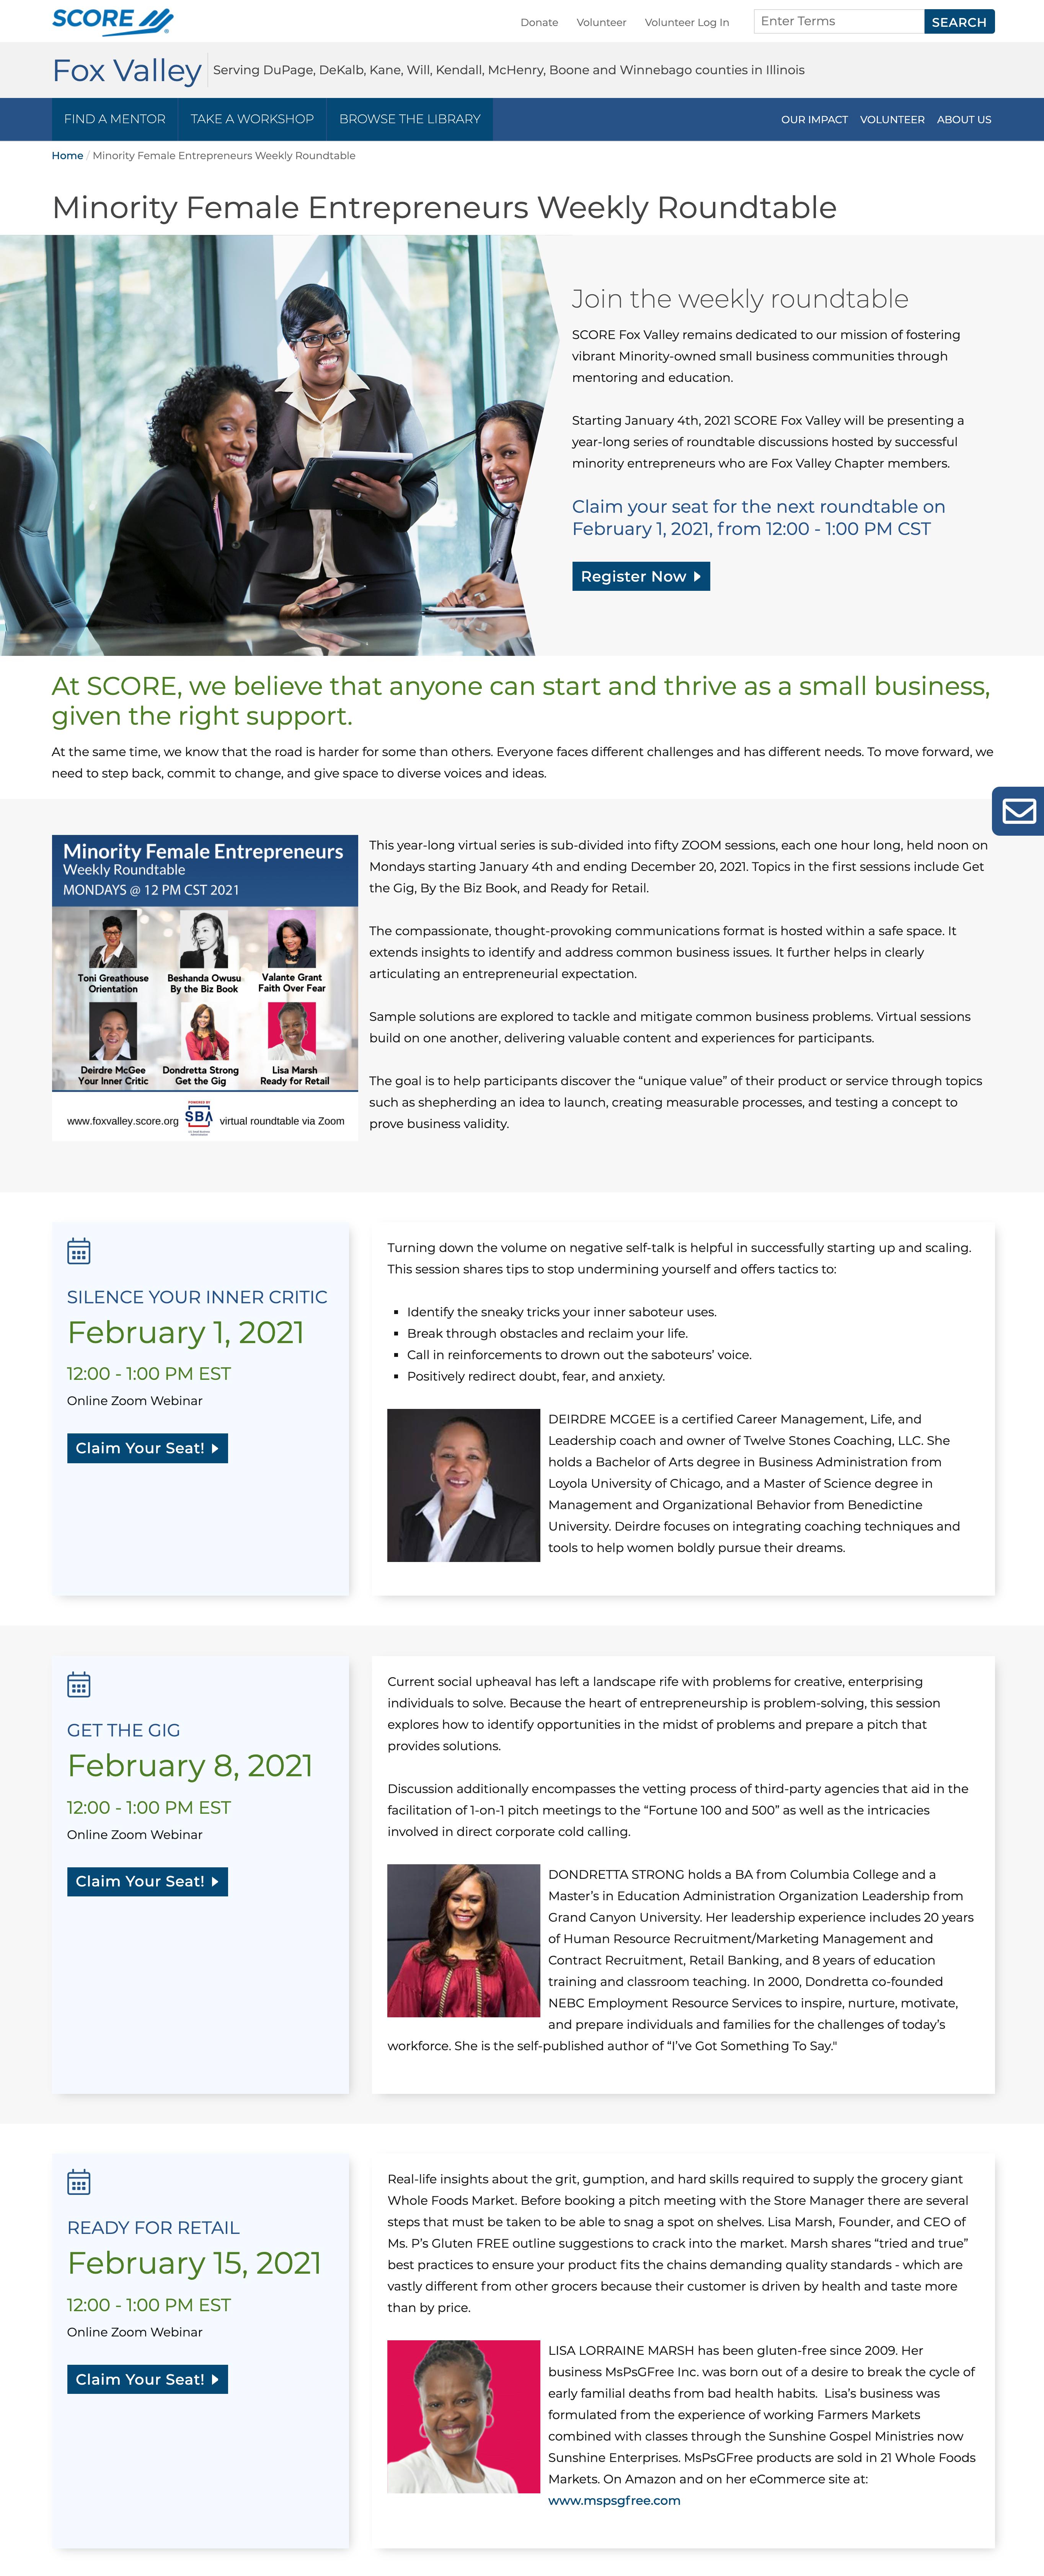 Minority Female Entrepreneur Roundtable